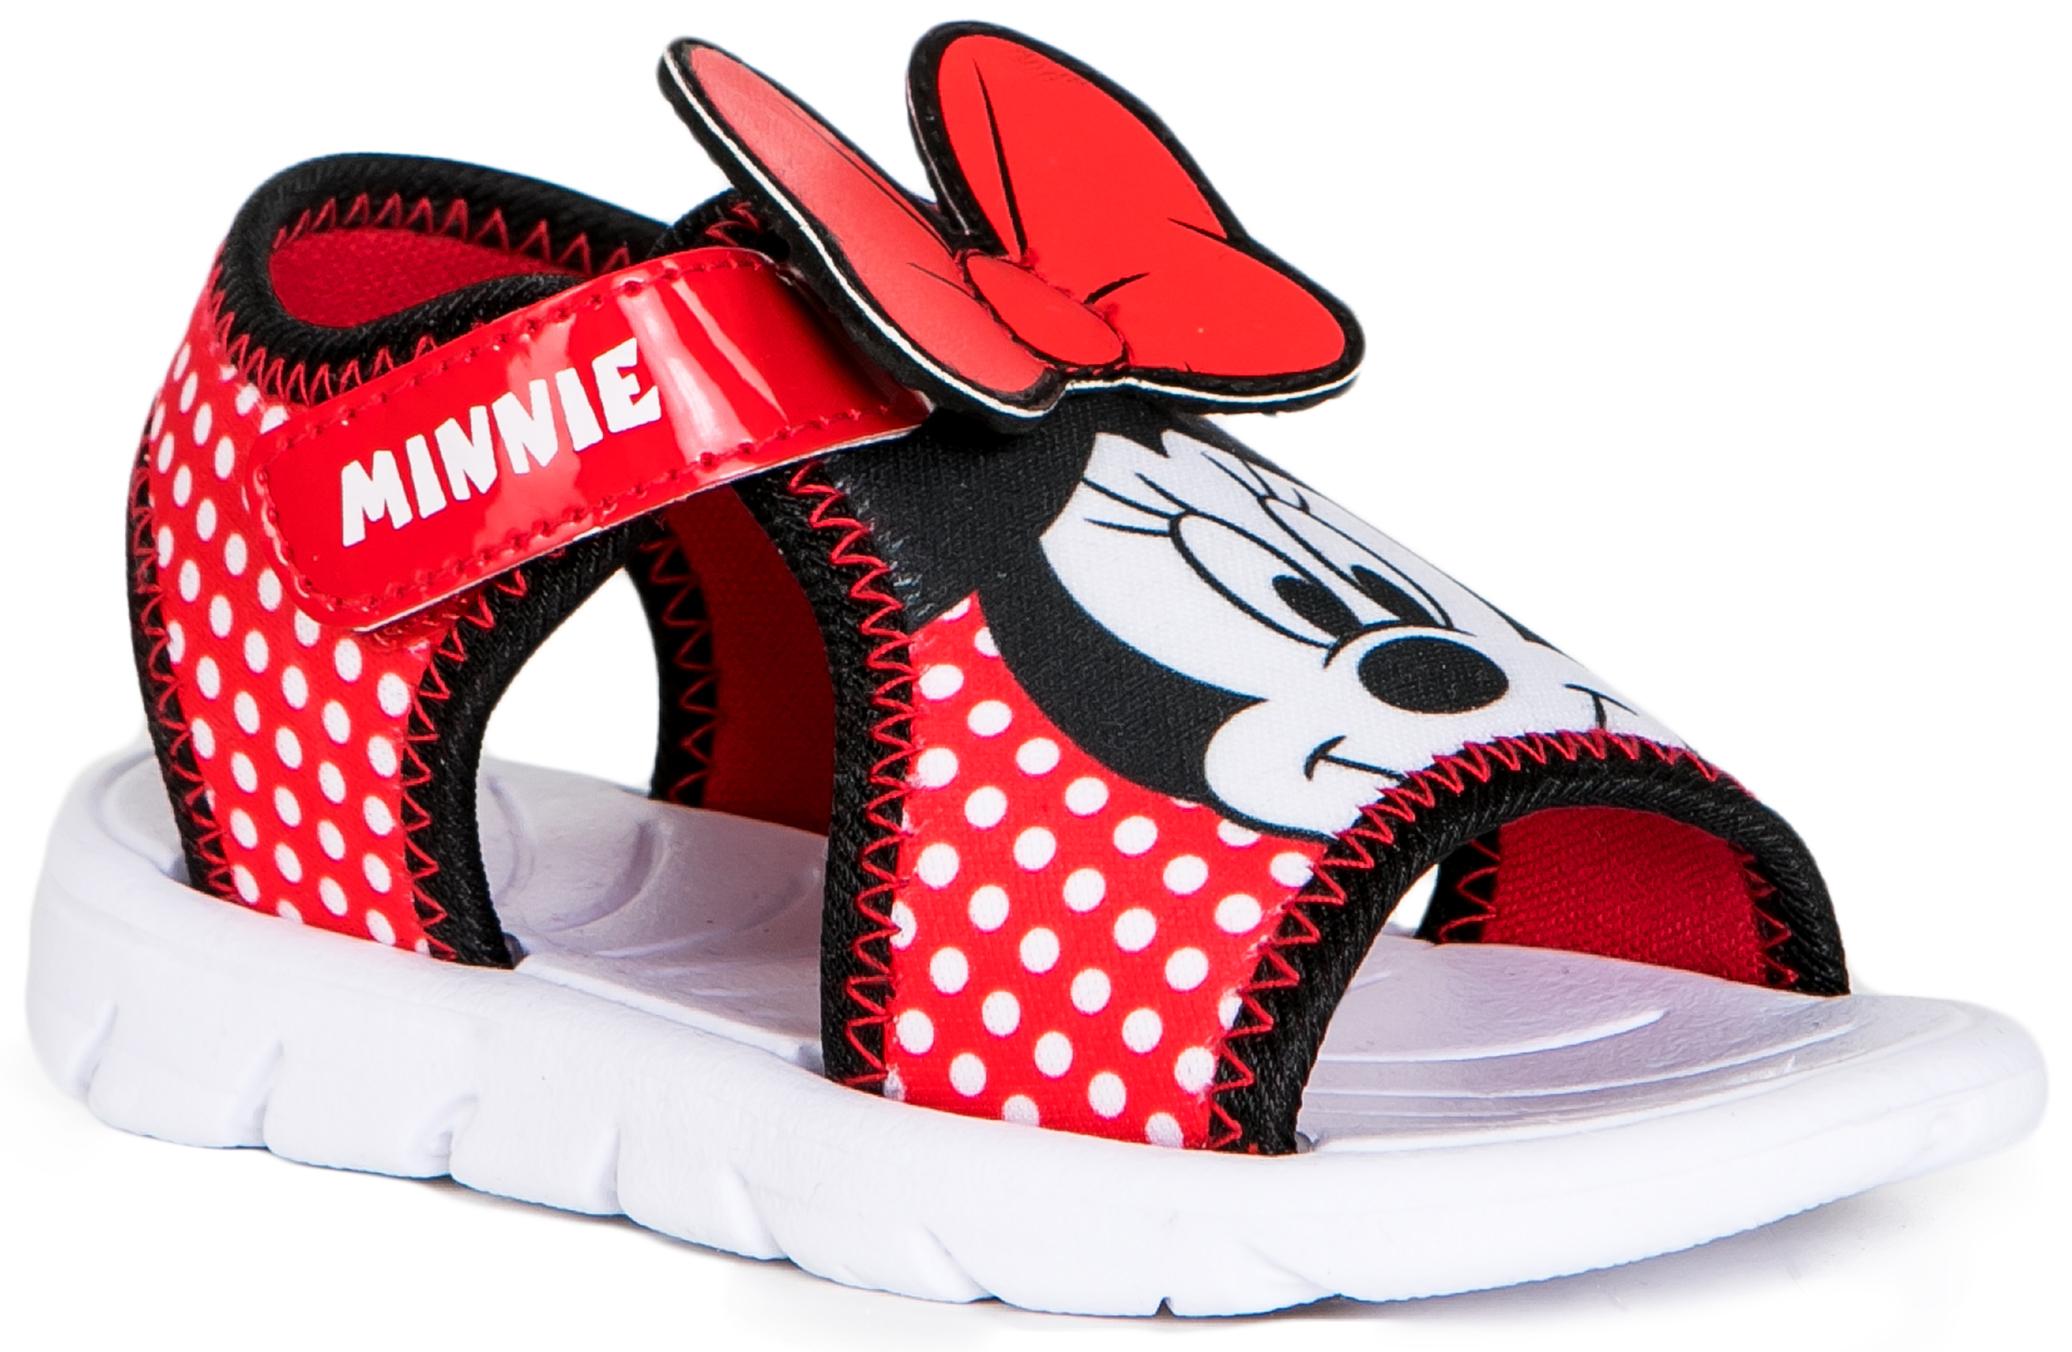 Босоножки Barkito Сандалеты для девочки MINNIE MOUSE, красный утюг simba minnie mouse с водой 4735135